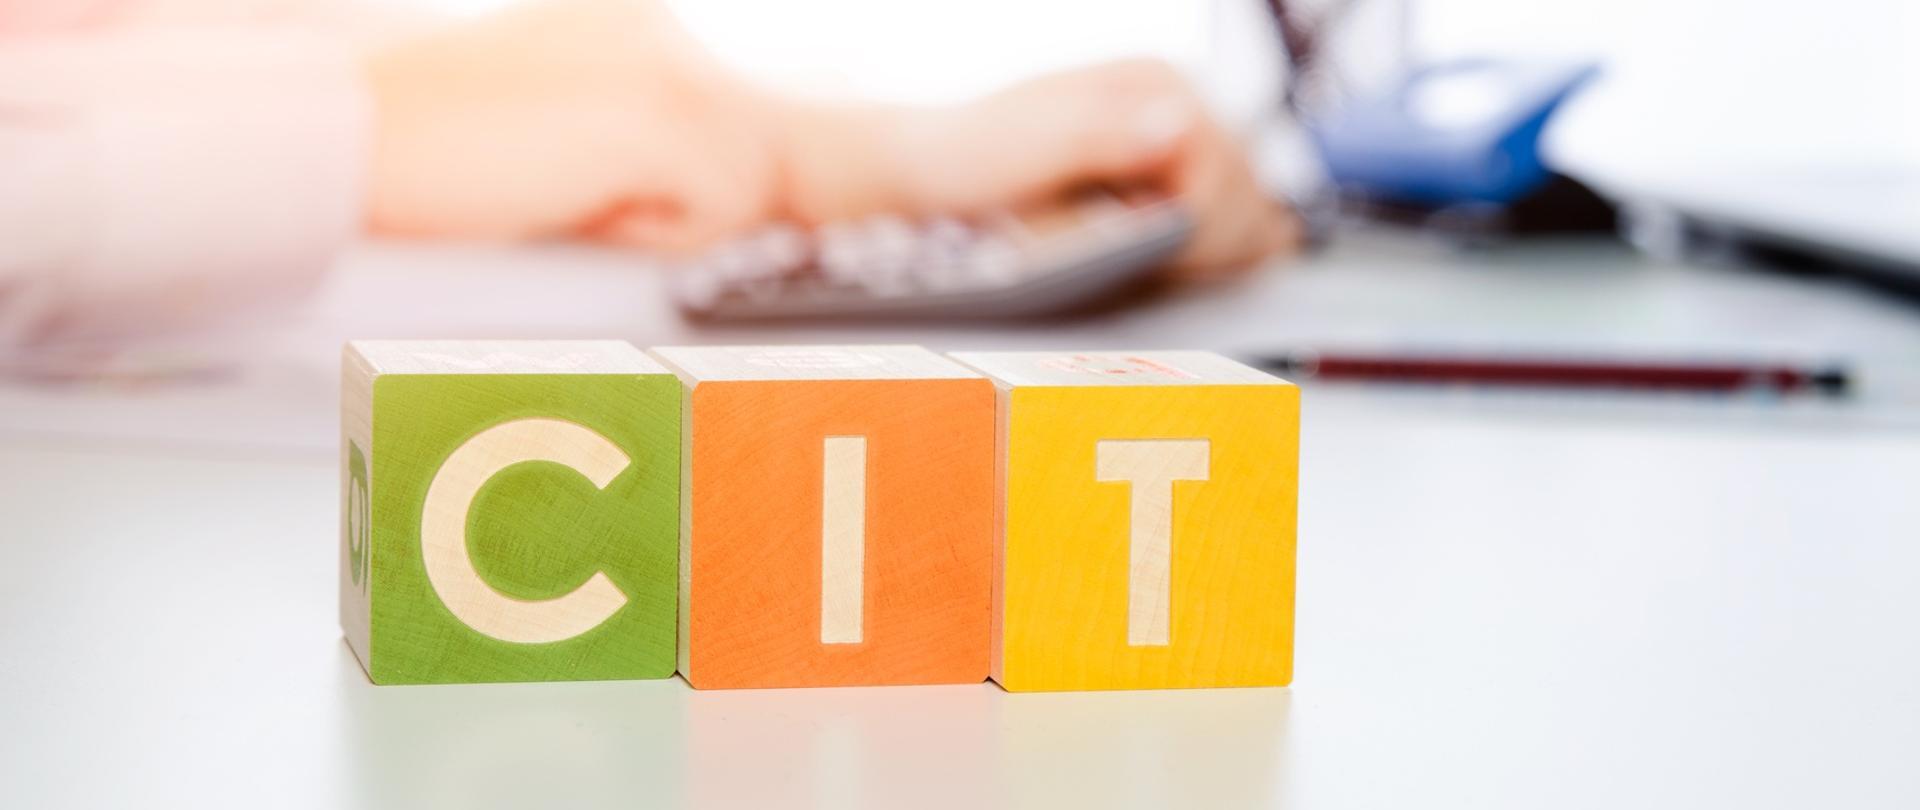 Kolorowe kostki z napisem CIT a w tle rozmyte dłonie i kalkulator